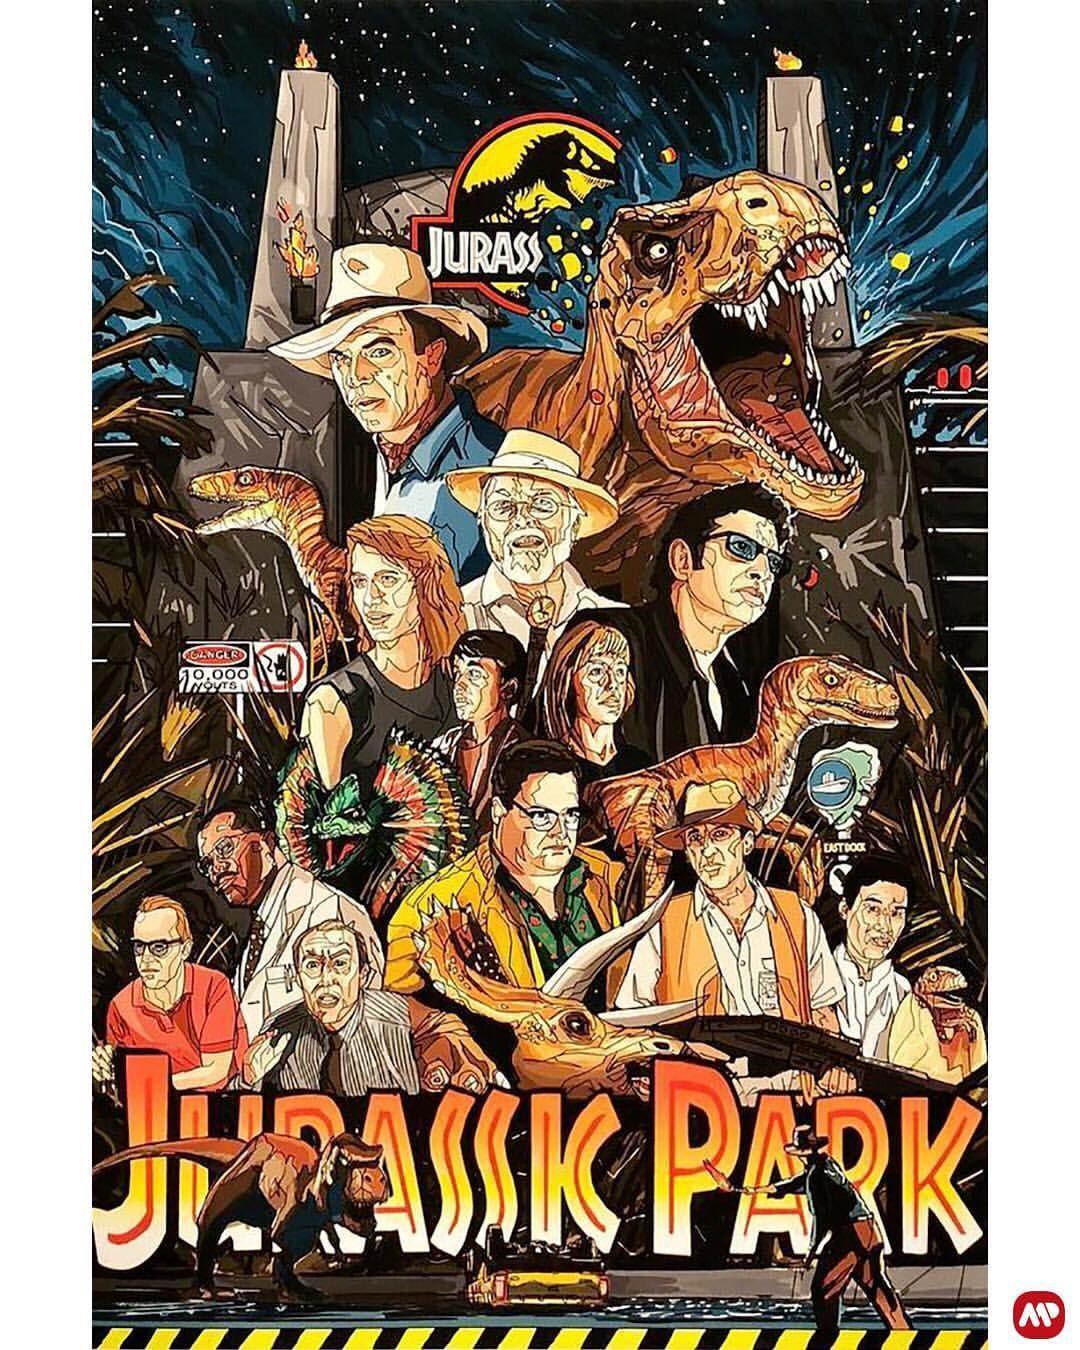 Jurassic Park by Tim Clinard @clinartstudios #jurassicparkworld Jurassic Park by Tim Clinard @clinartstudios #jurassicparkworld